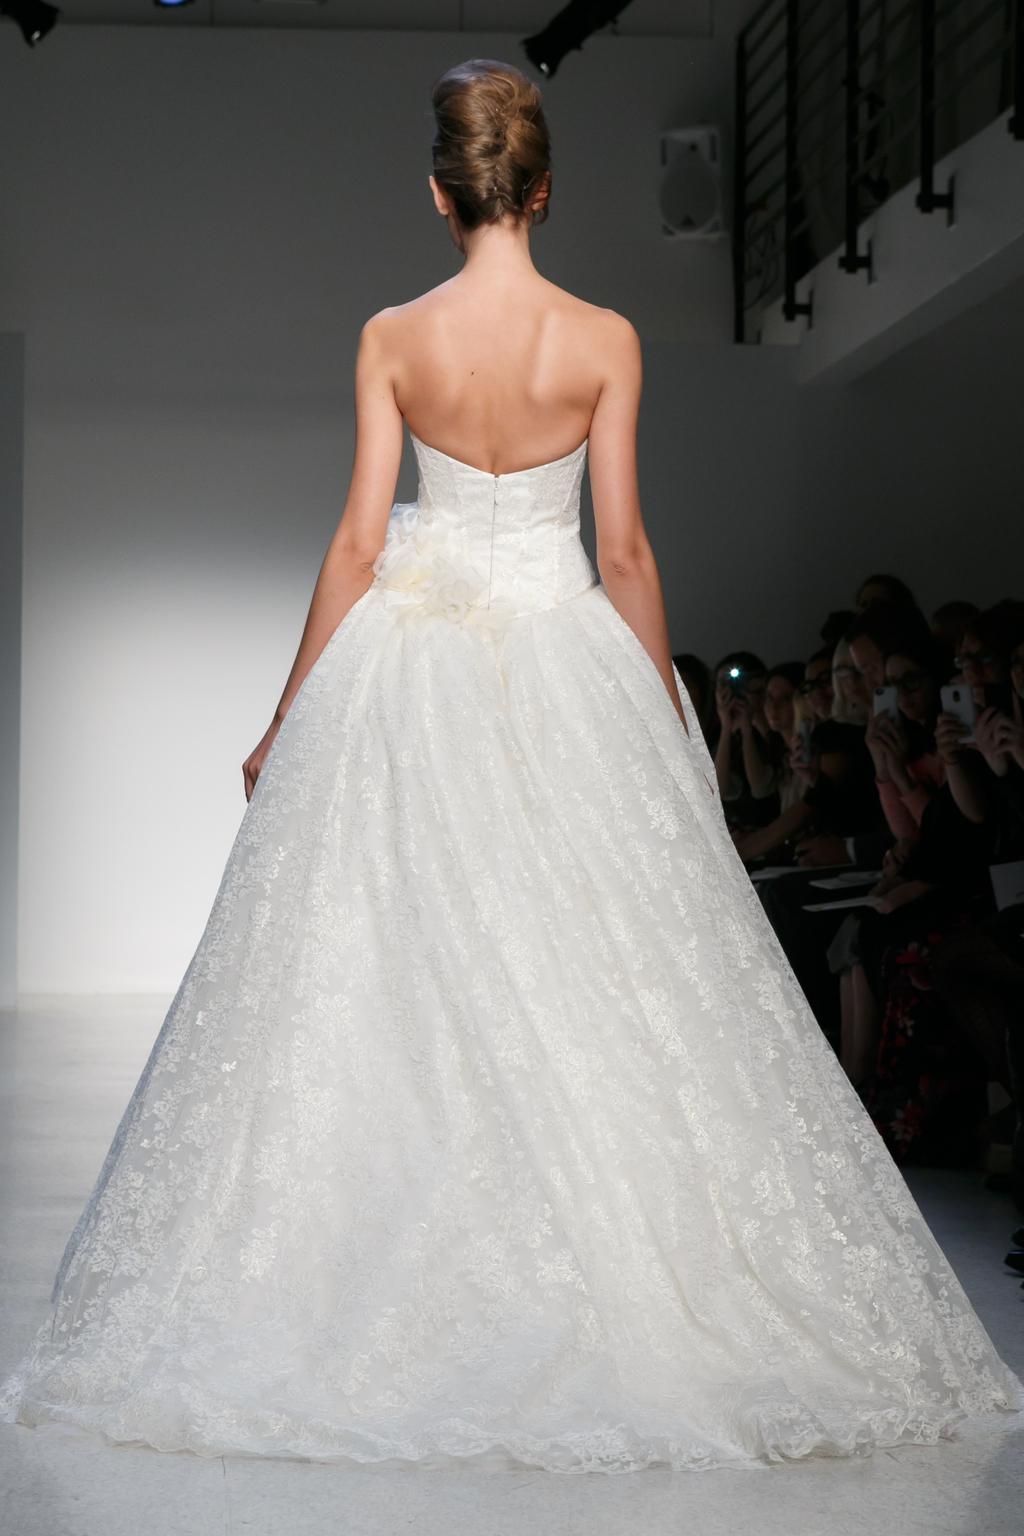 Fall-2013-wedding-dress-kenneth-pool-by-amsale-bridal-gowns-13b.full